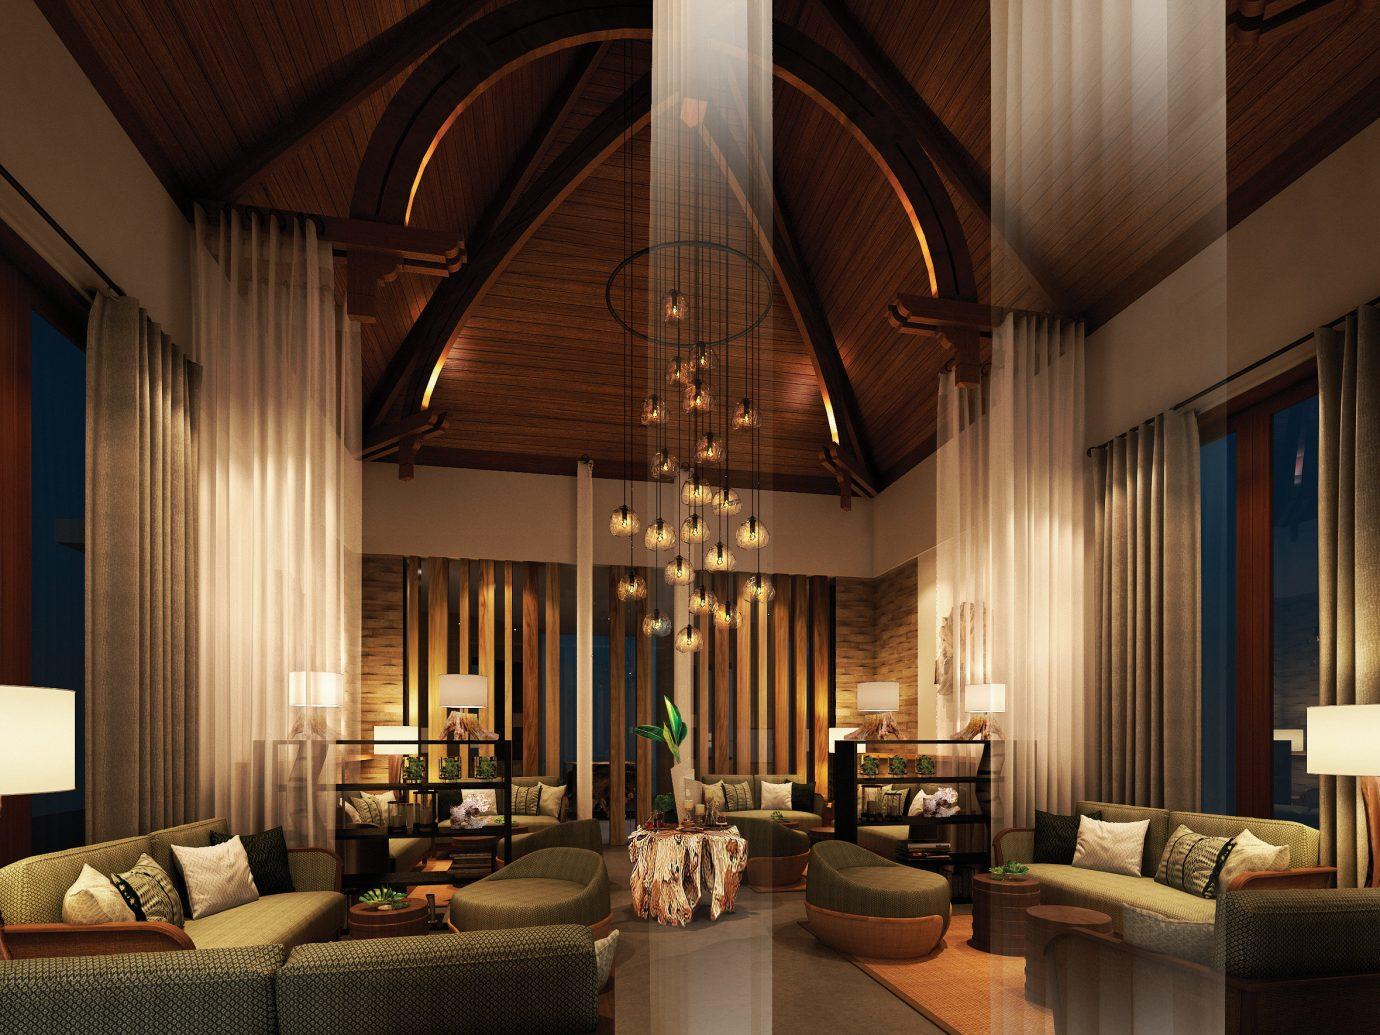 Trip Ideas indoor room floor window Living ceiling property living room estate hotel Lobby interior design home furniture lighting Suite Design condominium mansion decorated area